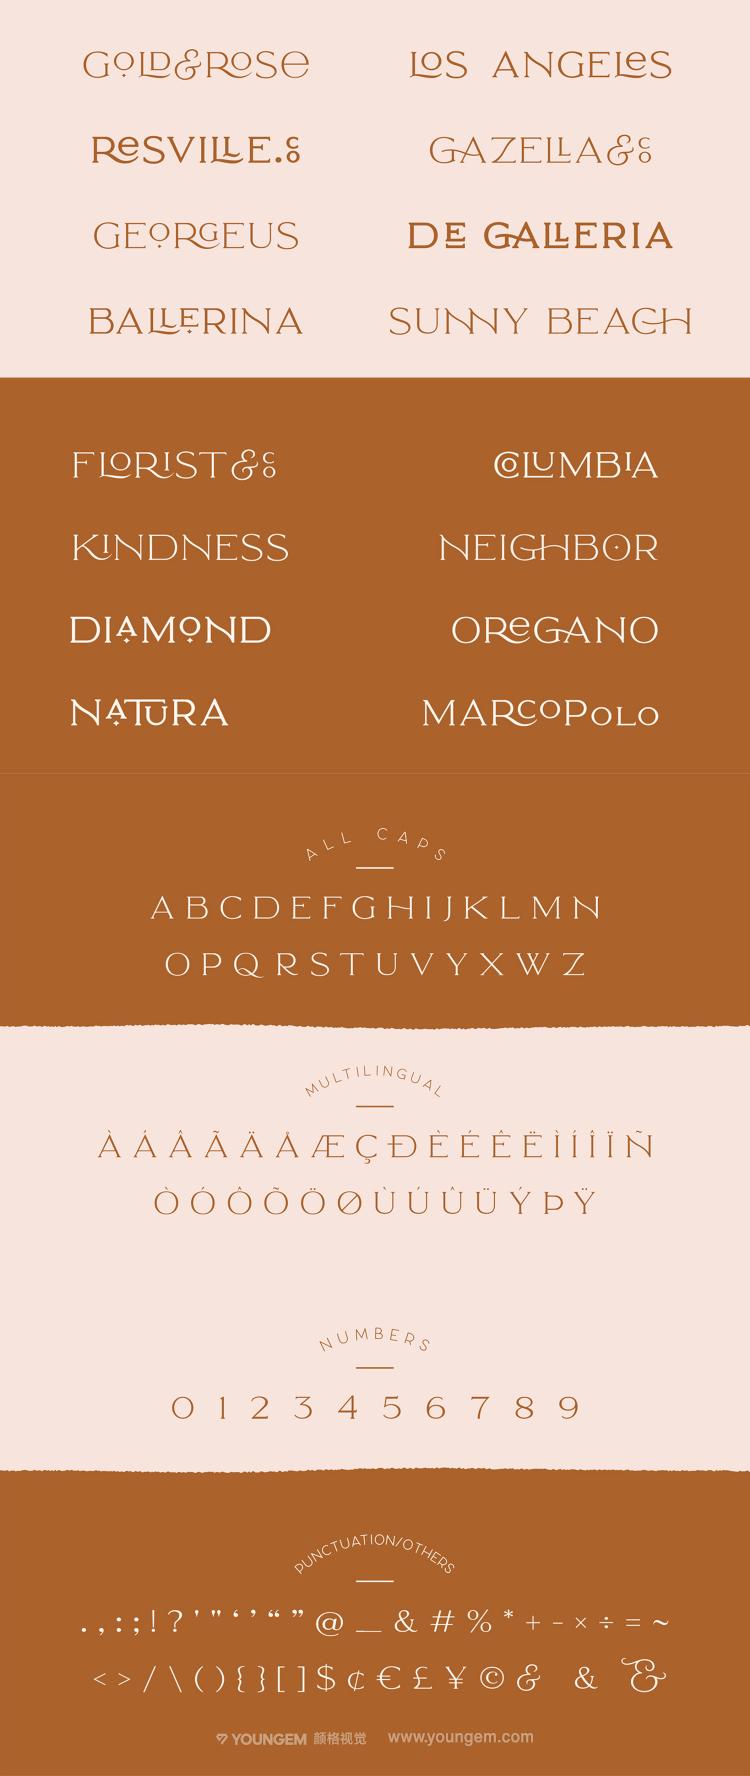 极简的服装印刷品牌商标logo设计英文字体设计模板